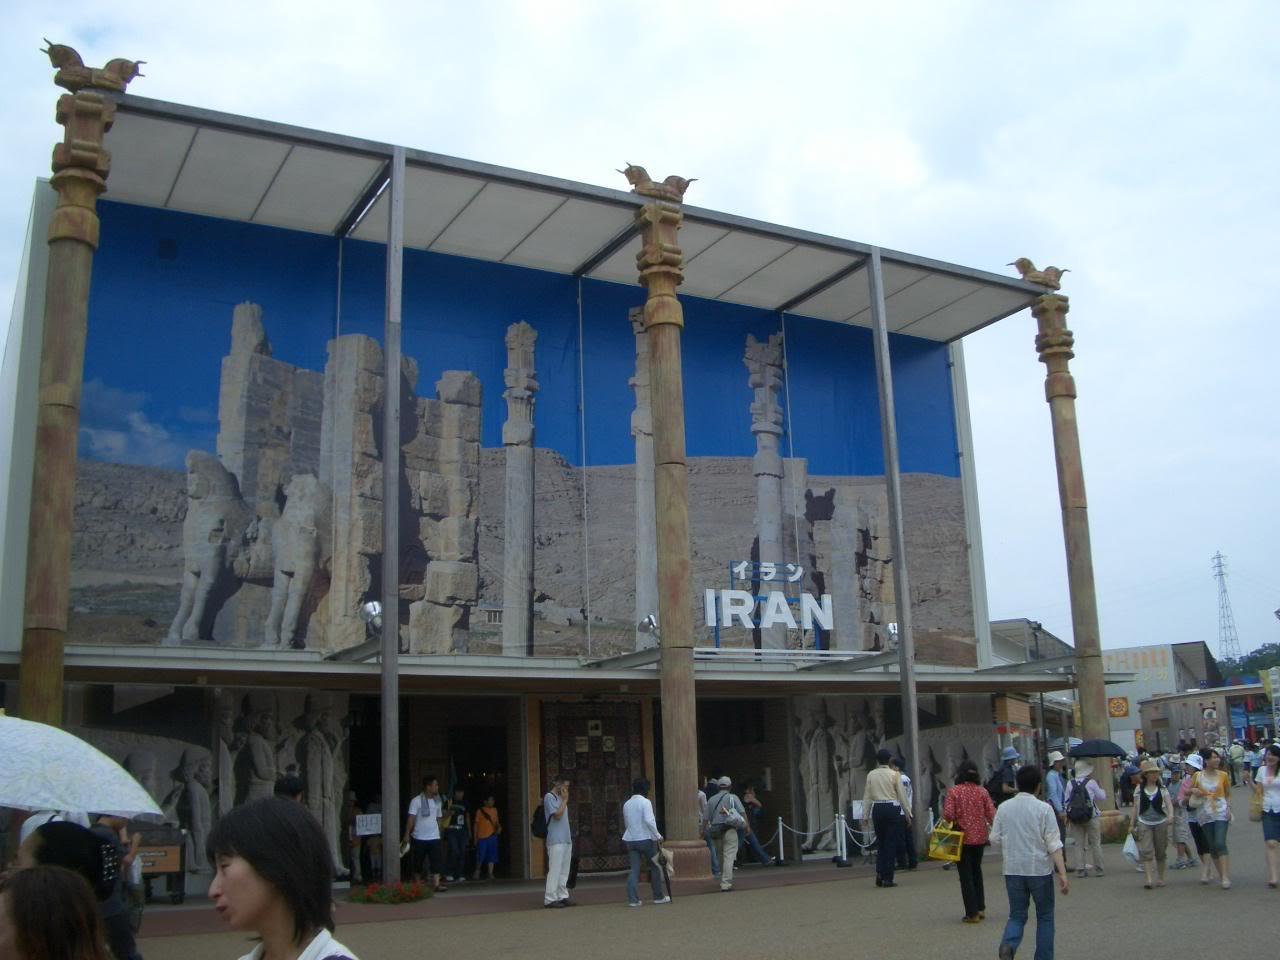 پاویون ایران در اکسپوی ژاپن – فرهاد احمدی